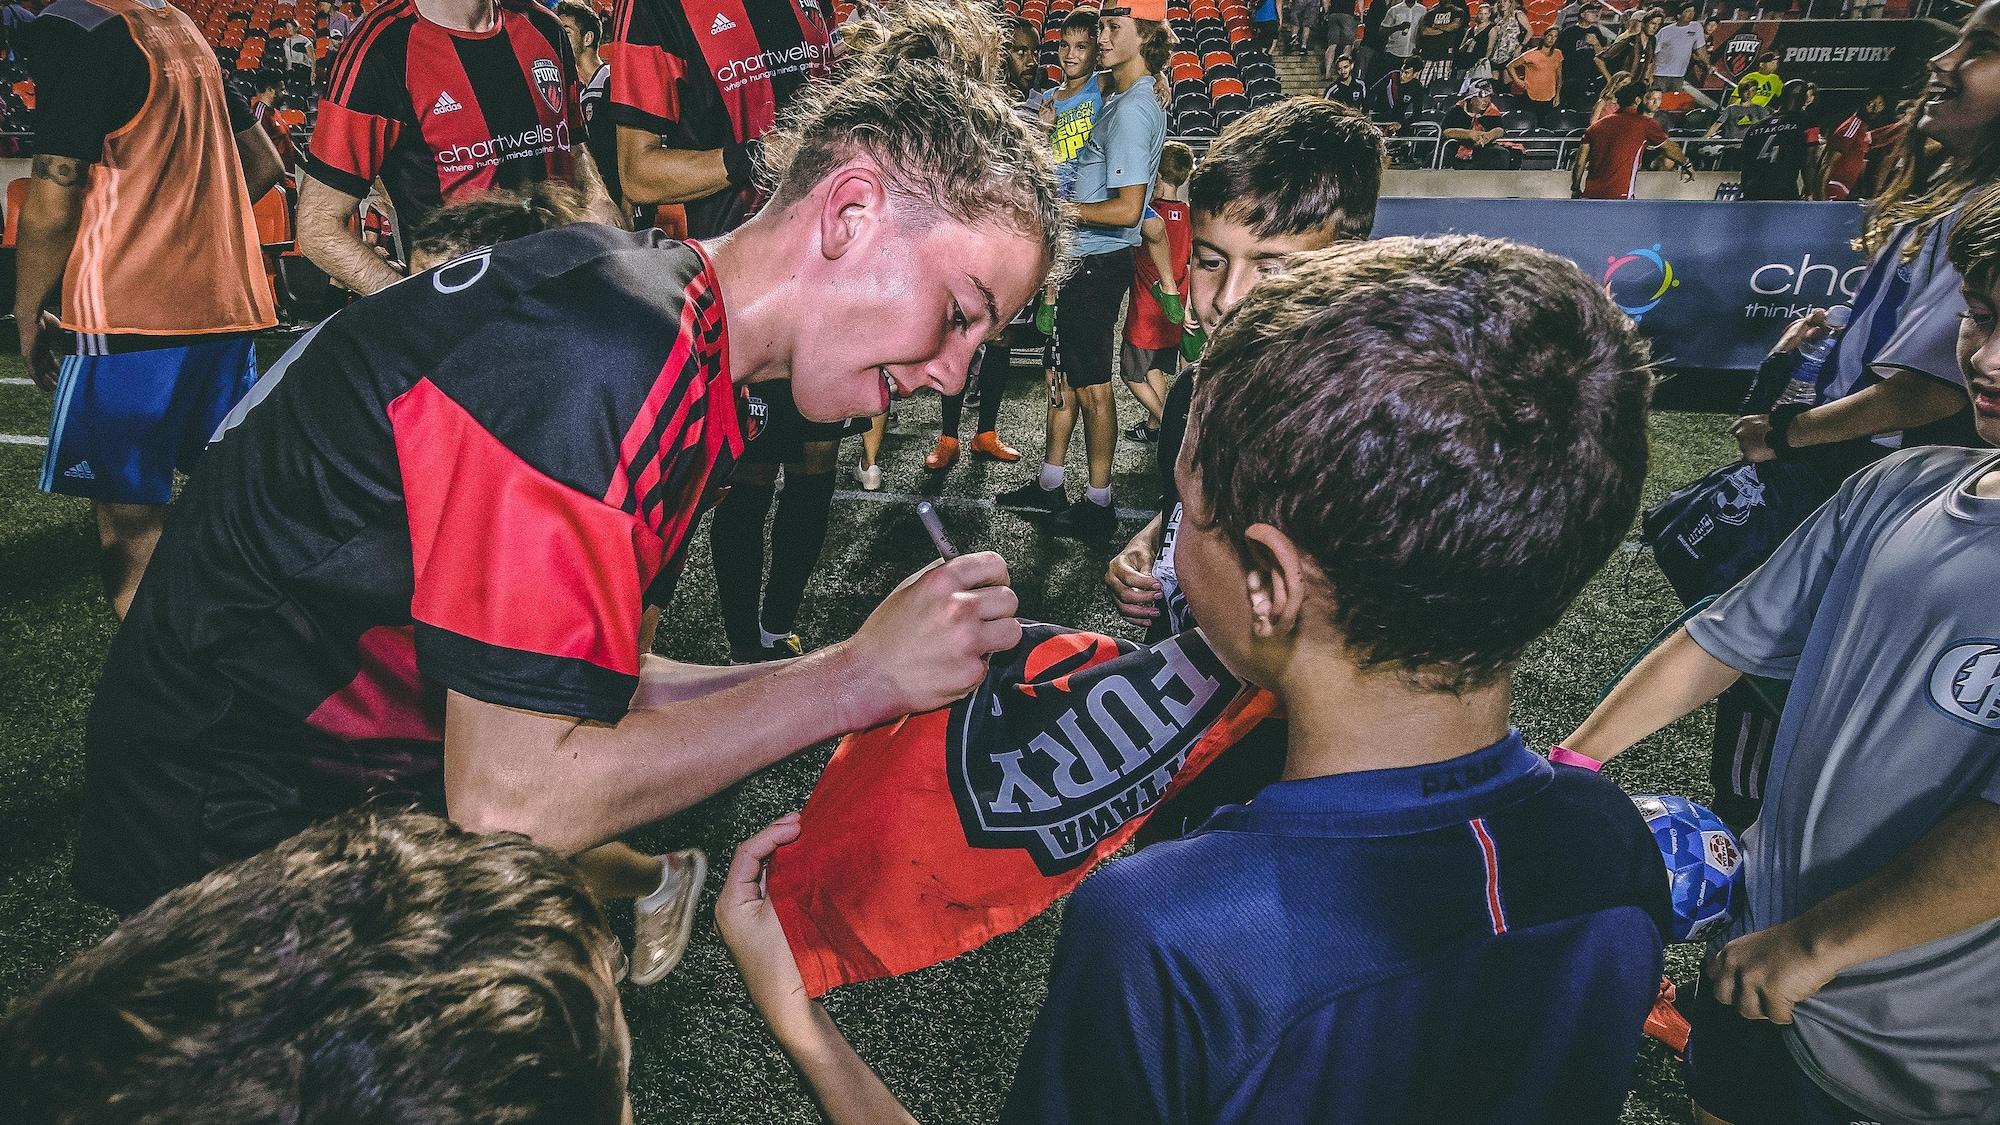 Antoine Coupland donne son autographe à un jeune amateur du Fury après le match du 20 juillet.